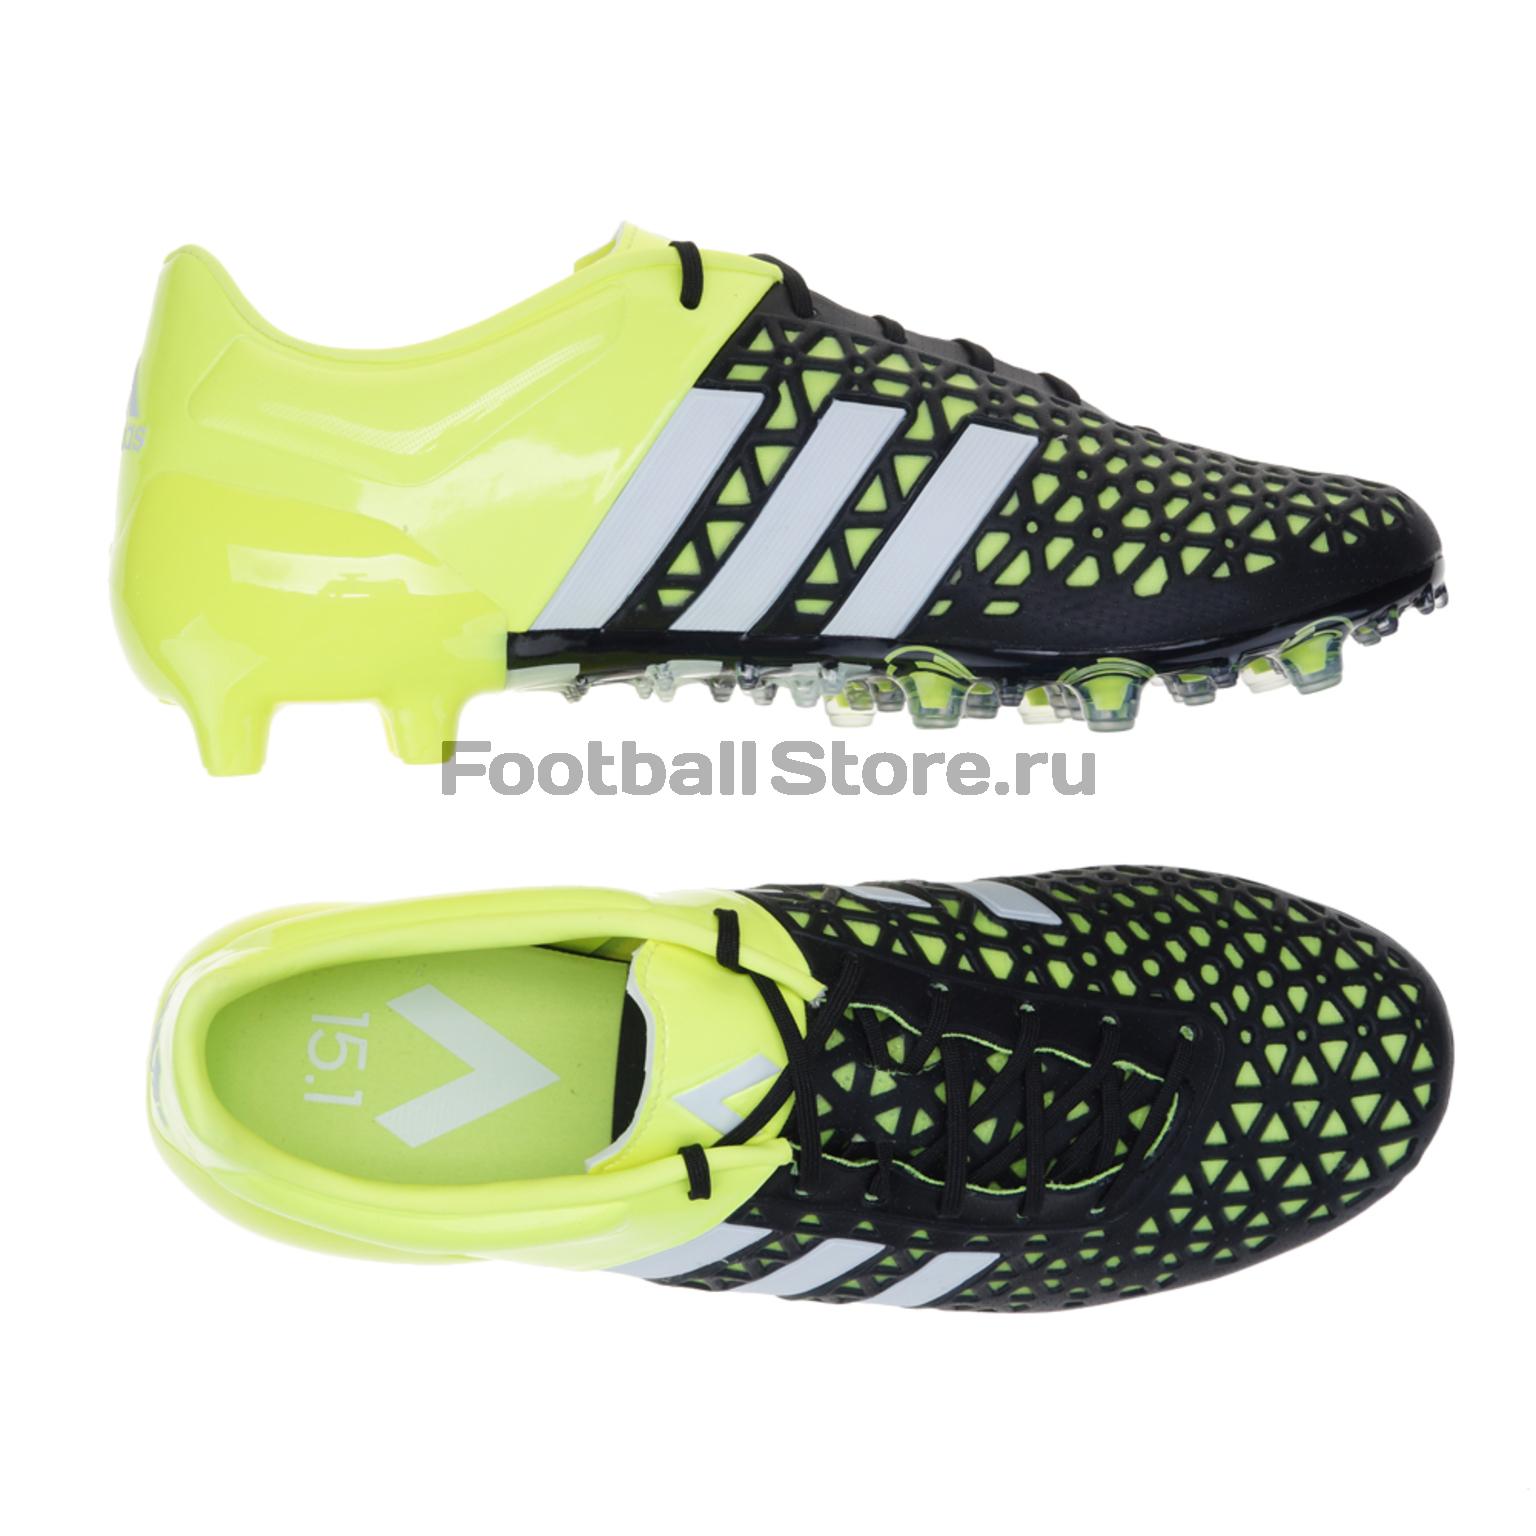 11155796 Бутсы Adidas Ace 15.1 FG/AG B32857 – купить бутсы в интернет ...